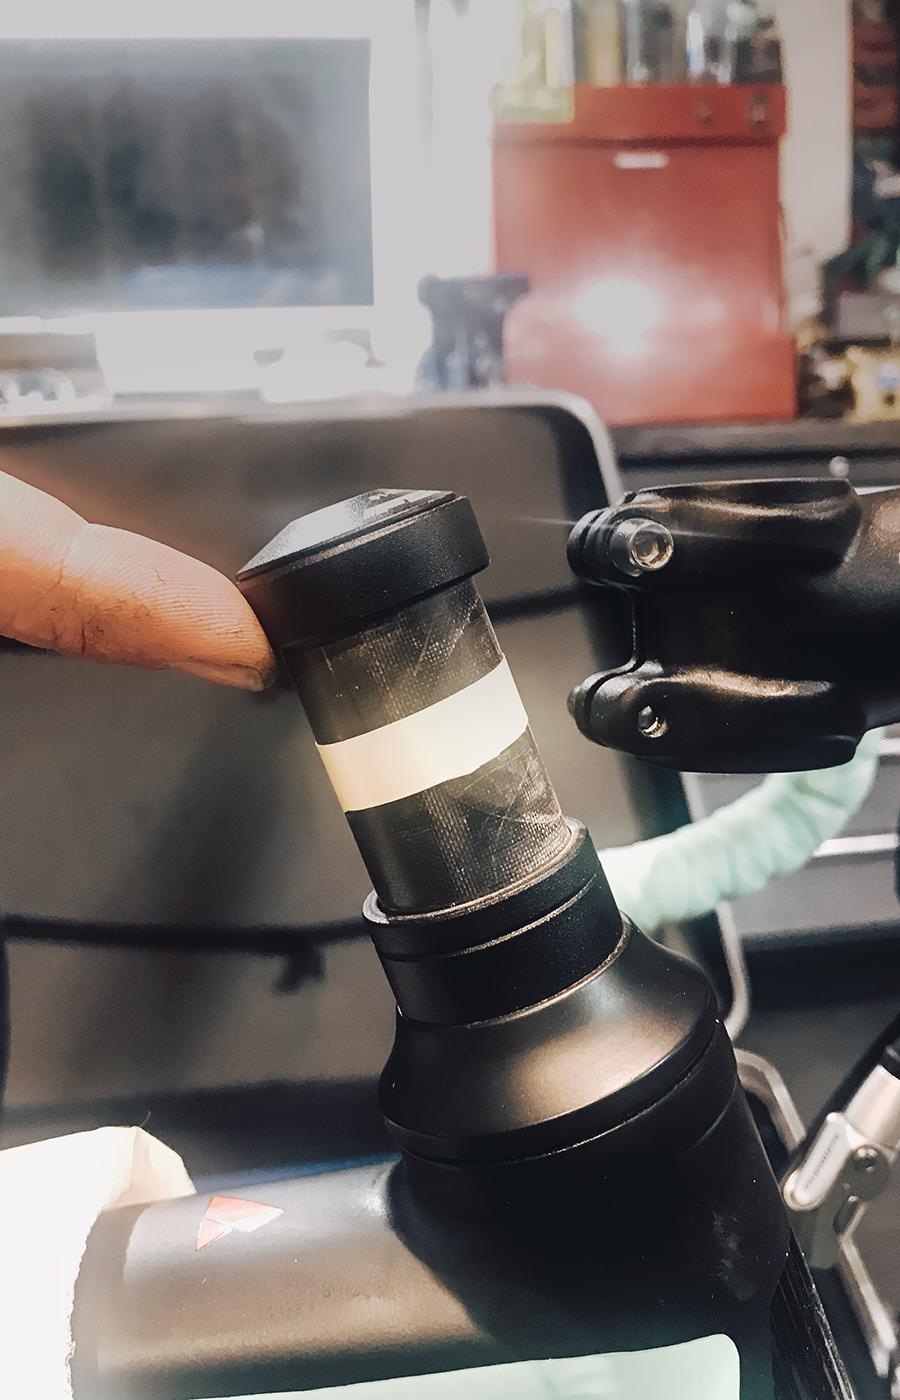 Spacer hochhalten und mit einem Streifen Kreppband die Lenkerposition markieren.